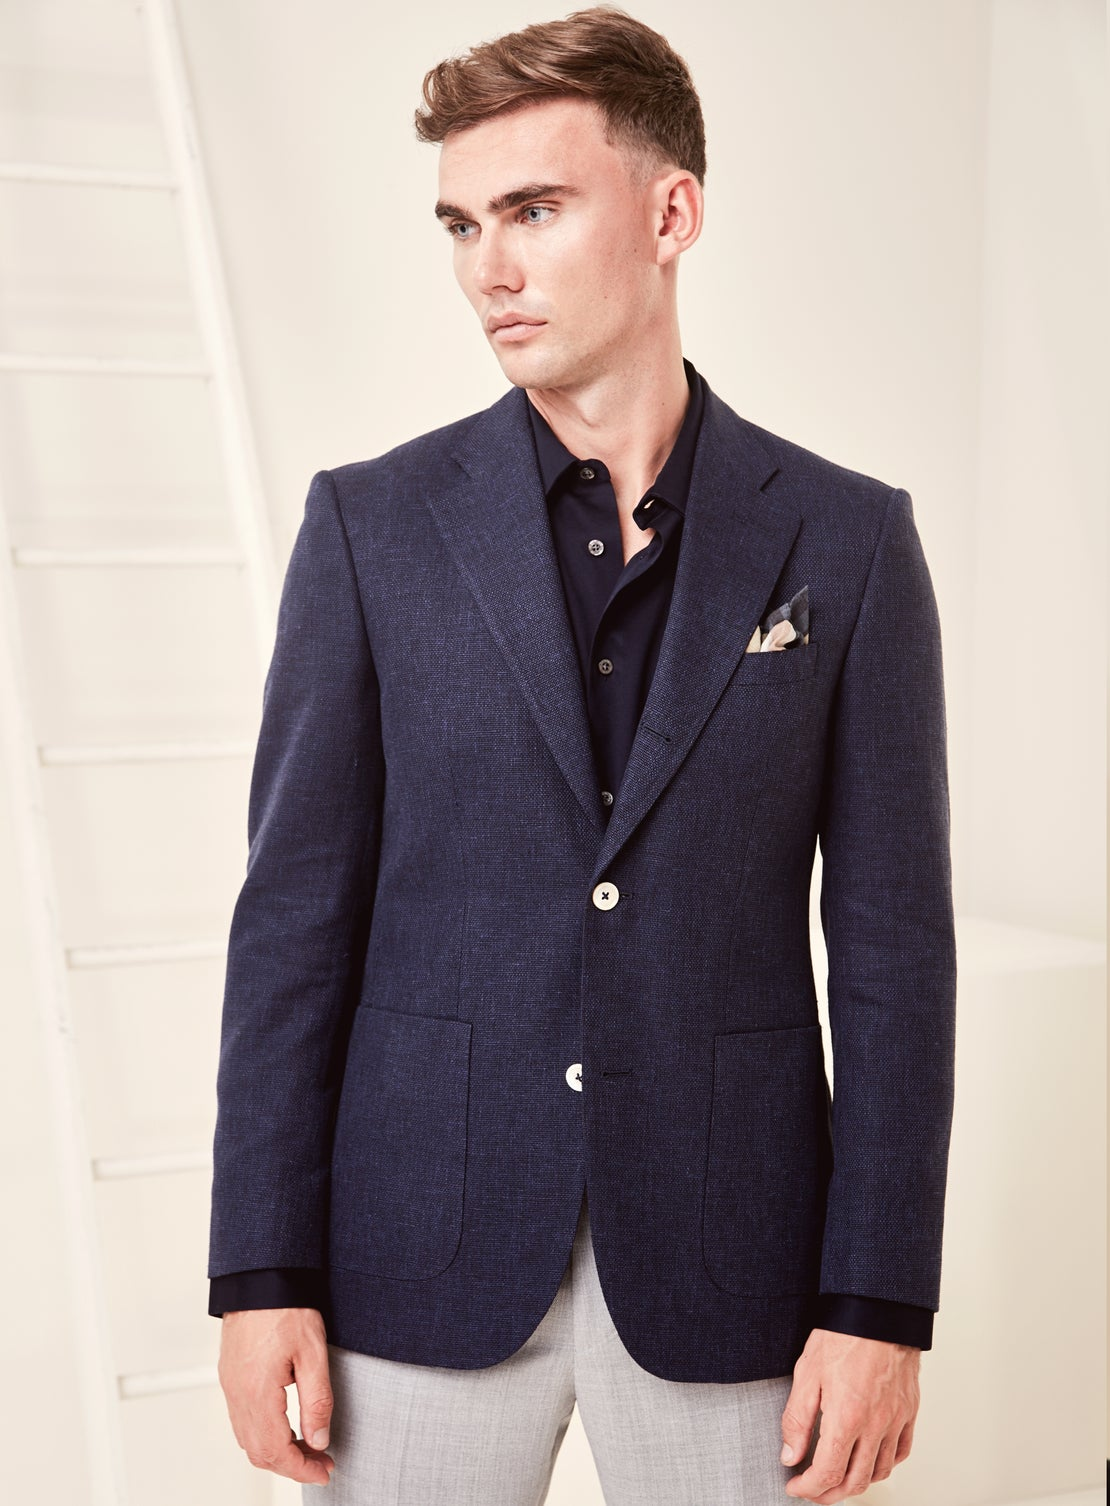 Navy Texture Jacket